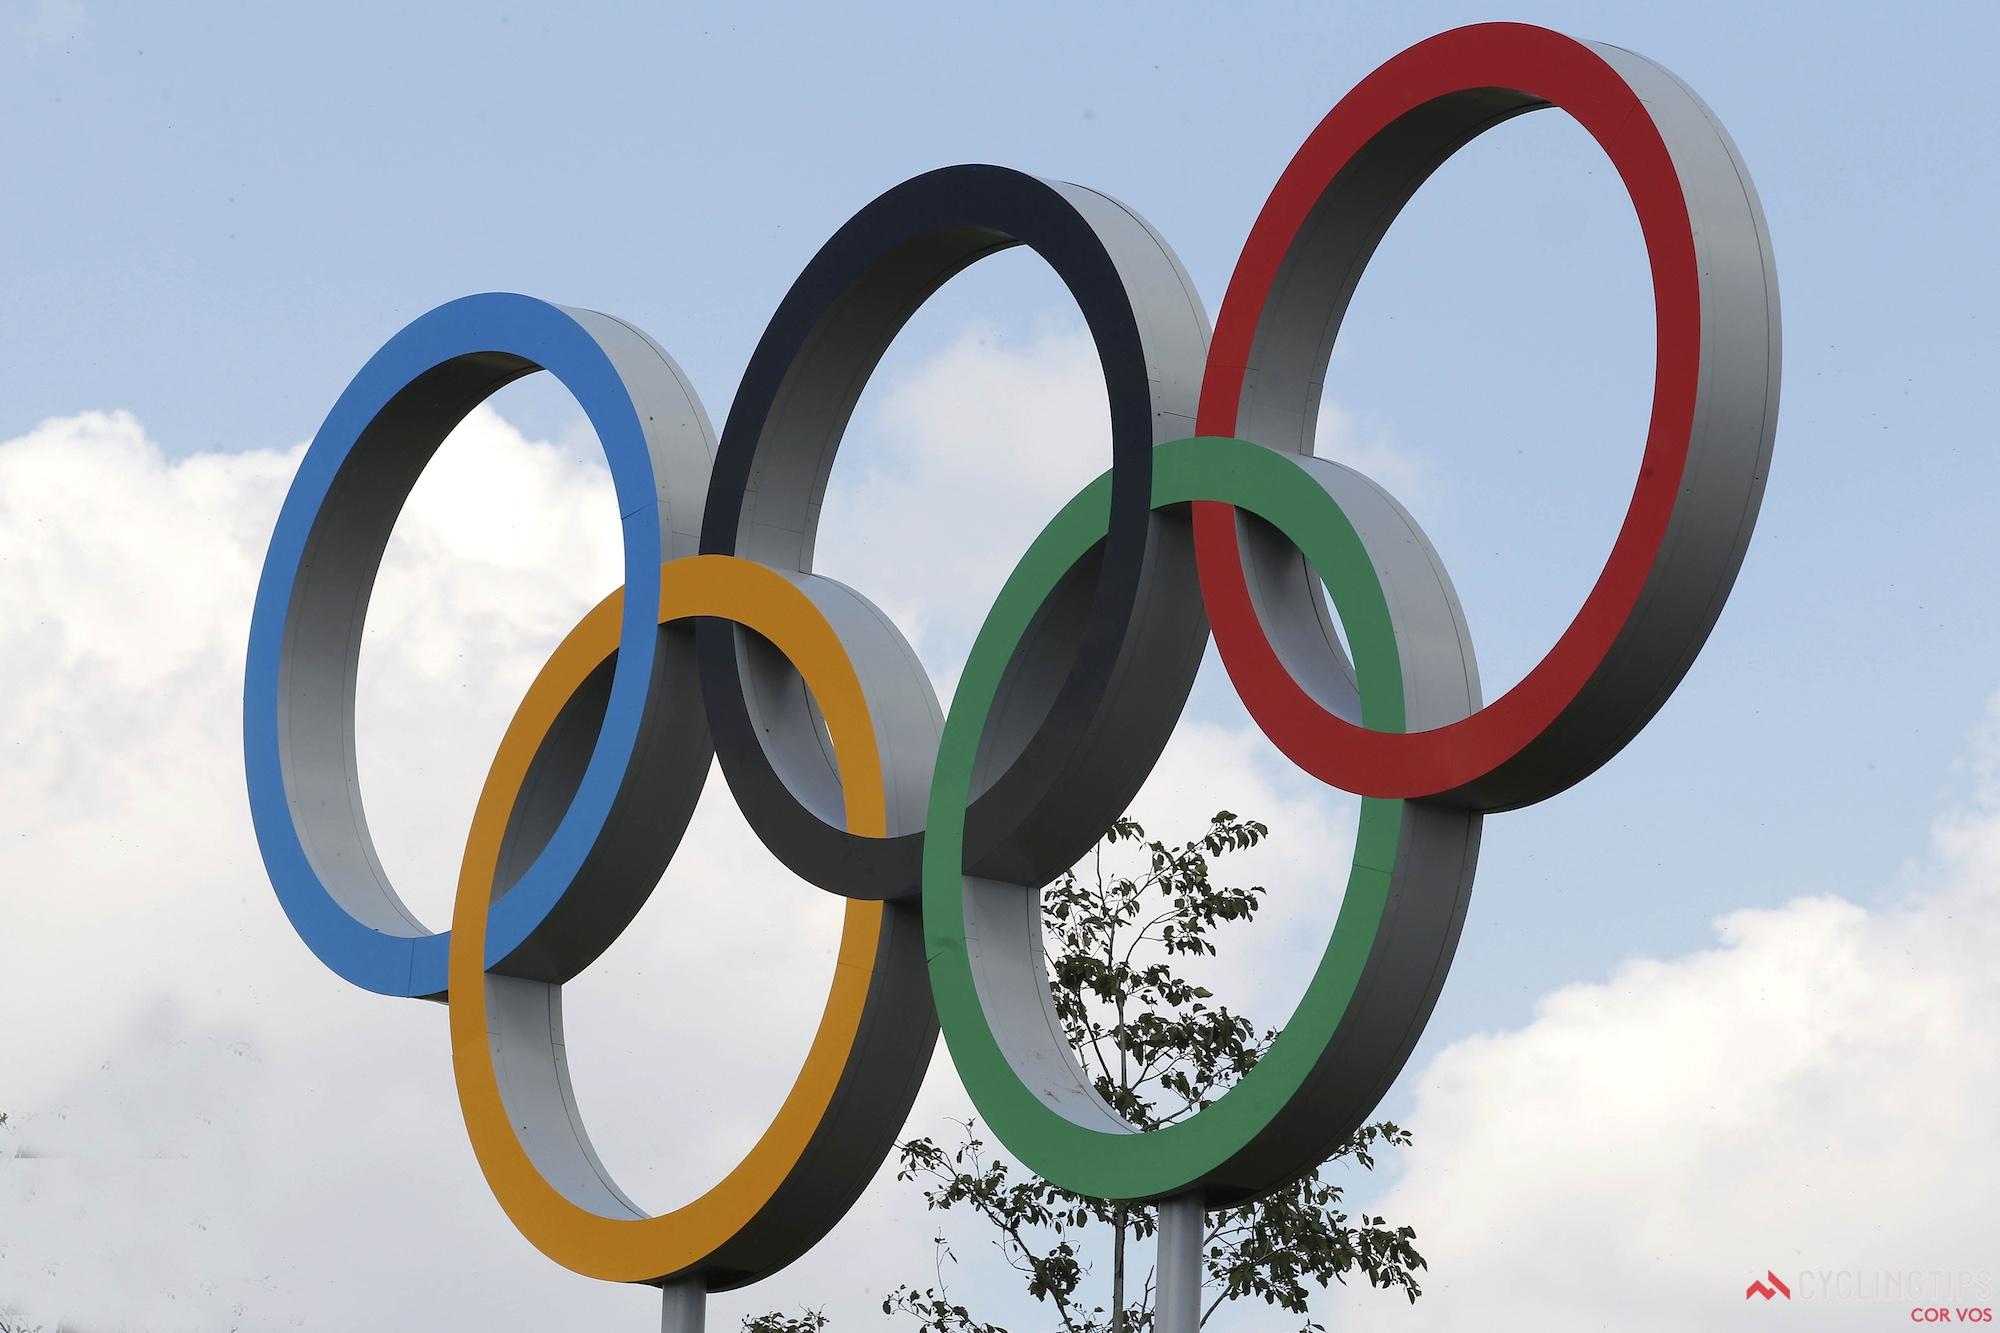 Rusland forbød at bruge flag, hymne ved OL i 2 år